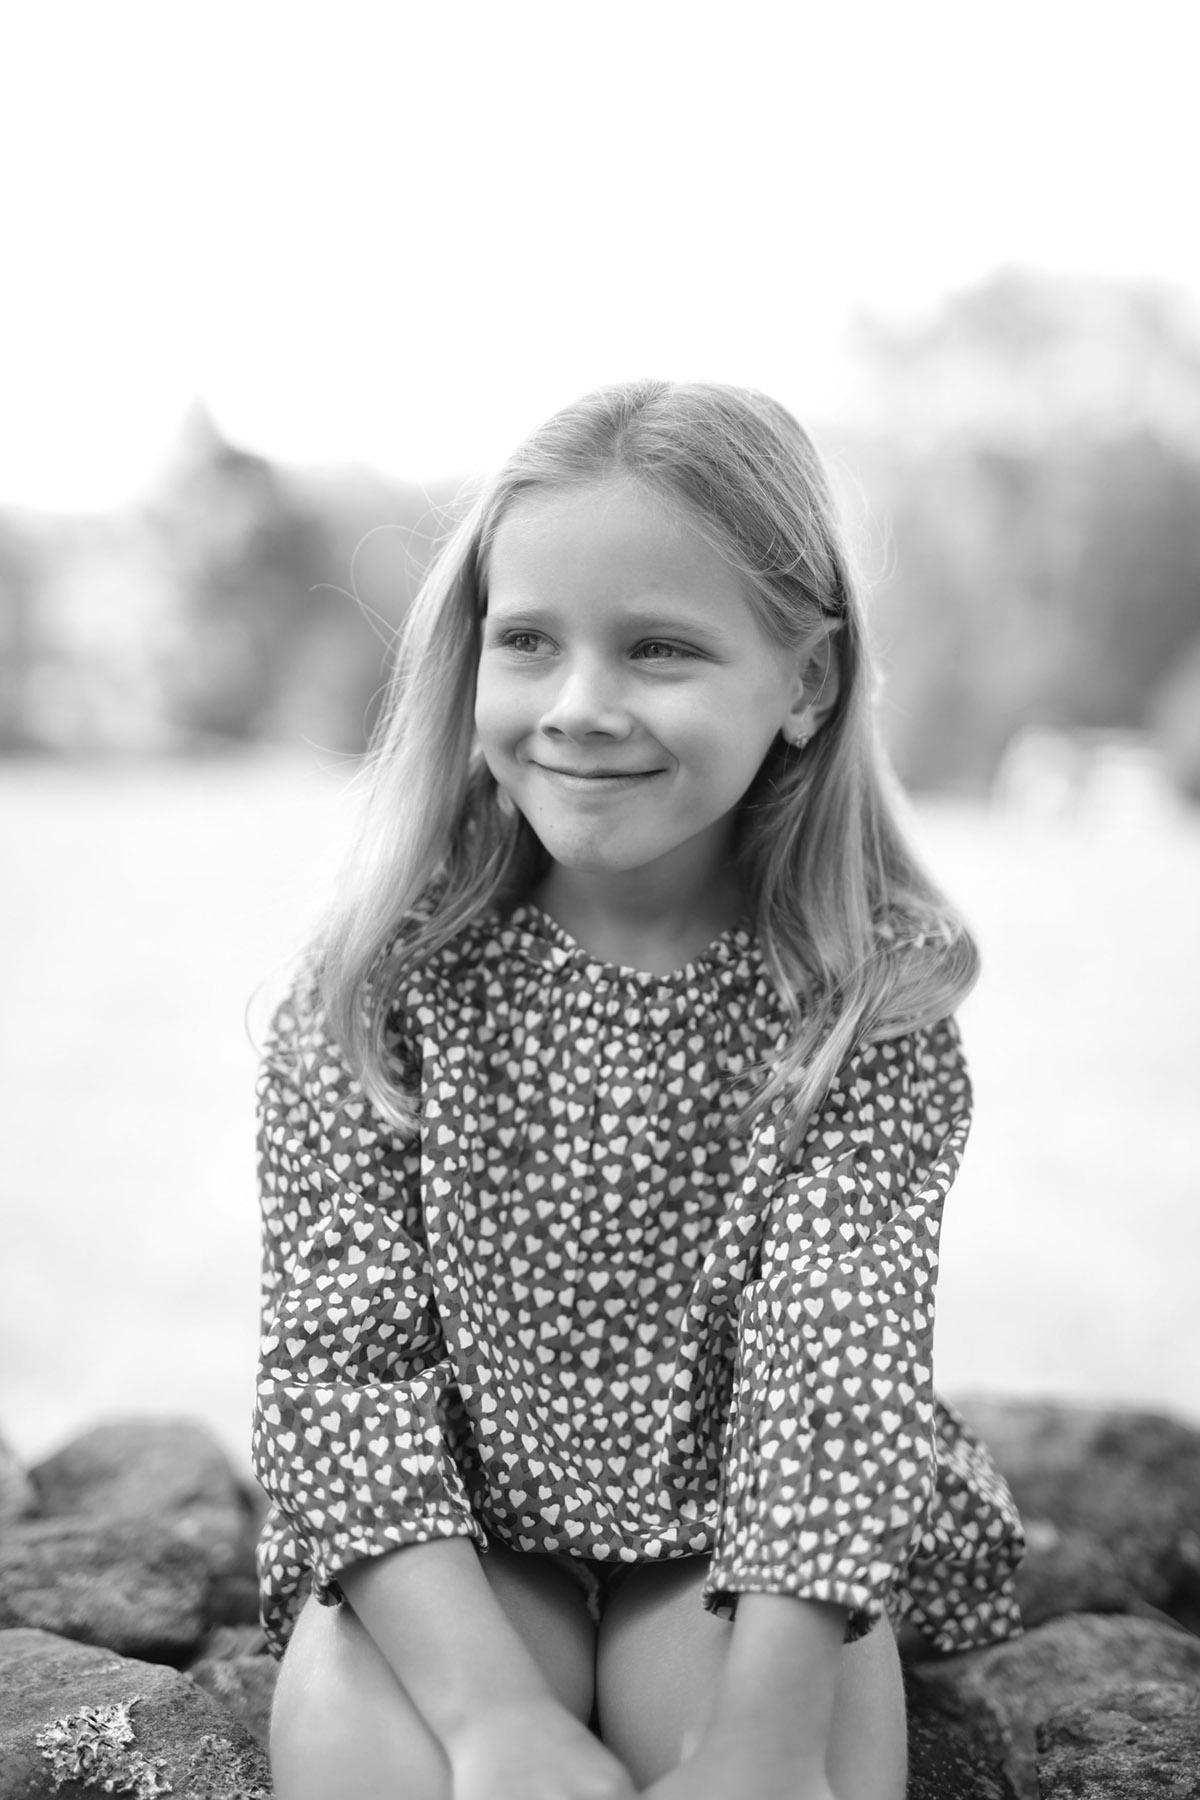 little girl on stone wall-KUP